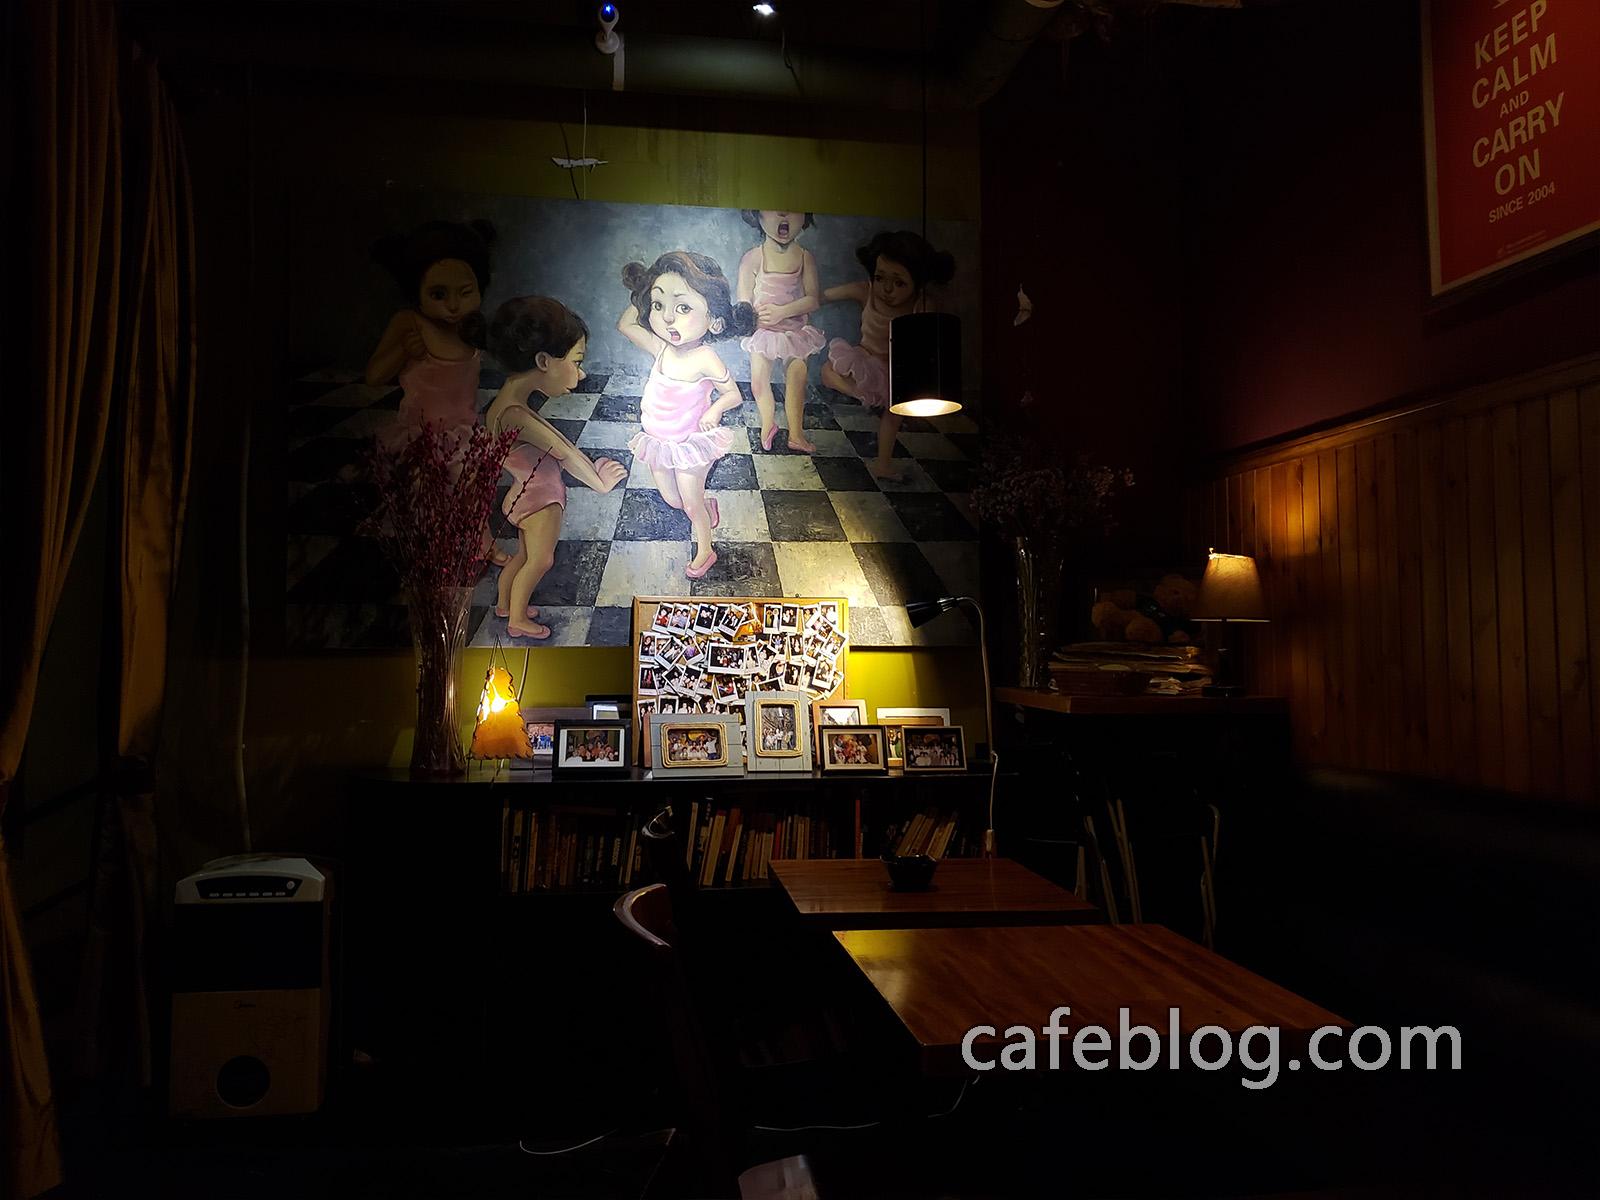 玛雅咖啡馆 Maya Cafe 上二楼的壁画。